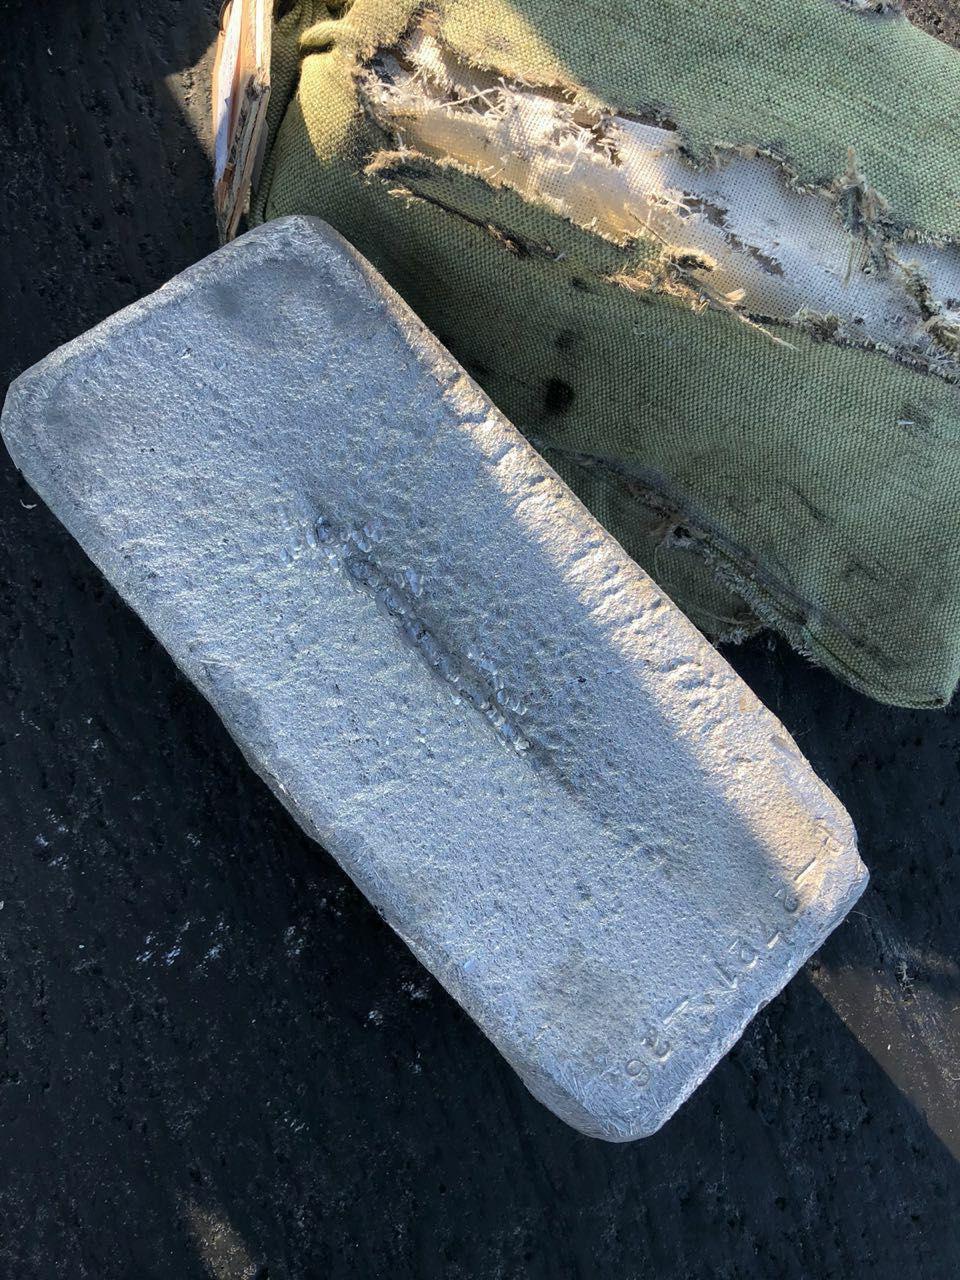 Слитки золота высыпались из самолета в Якутии (ФОТО) 2